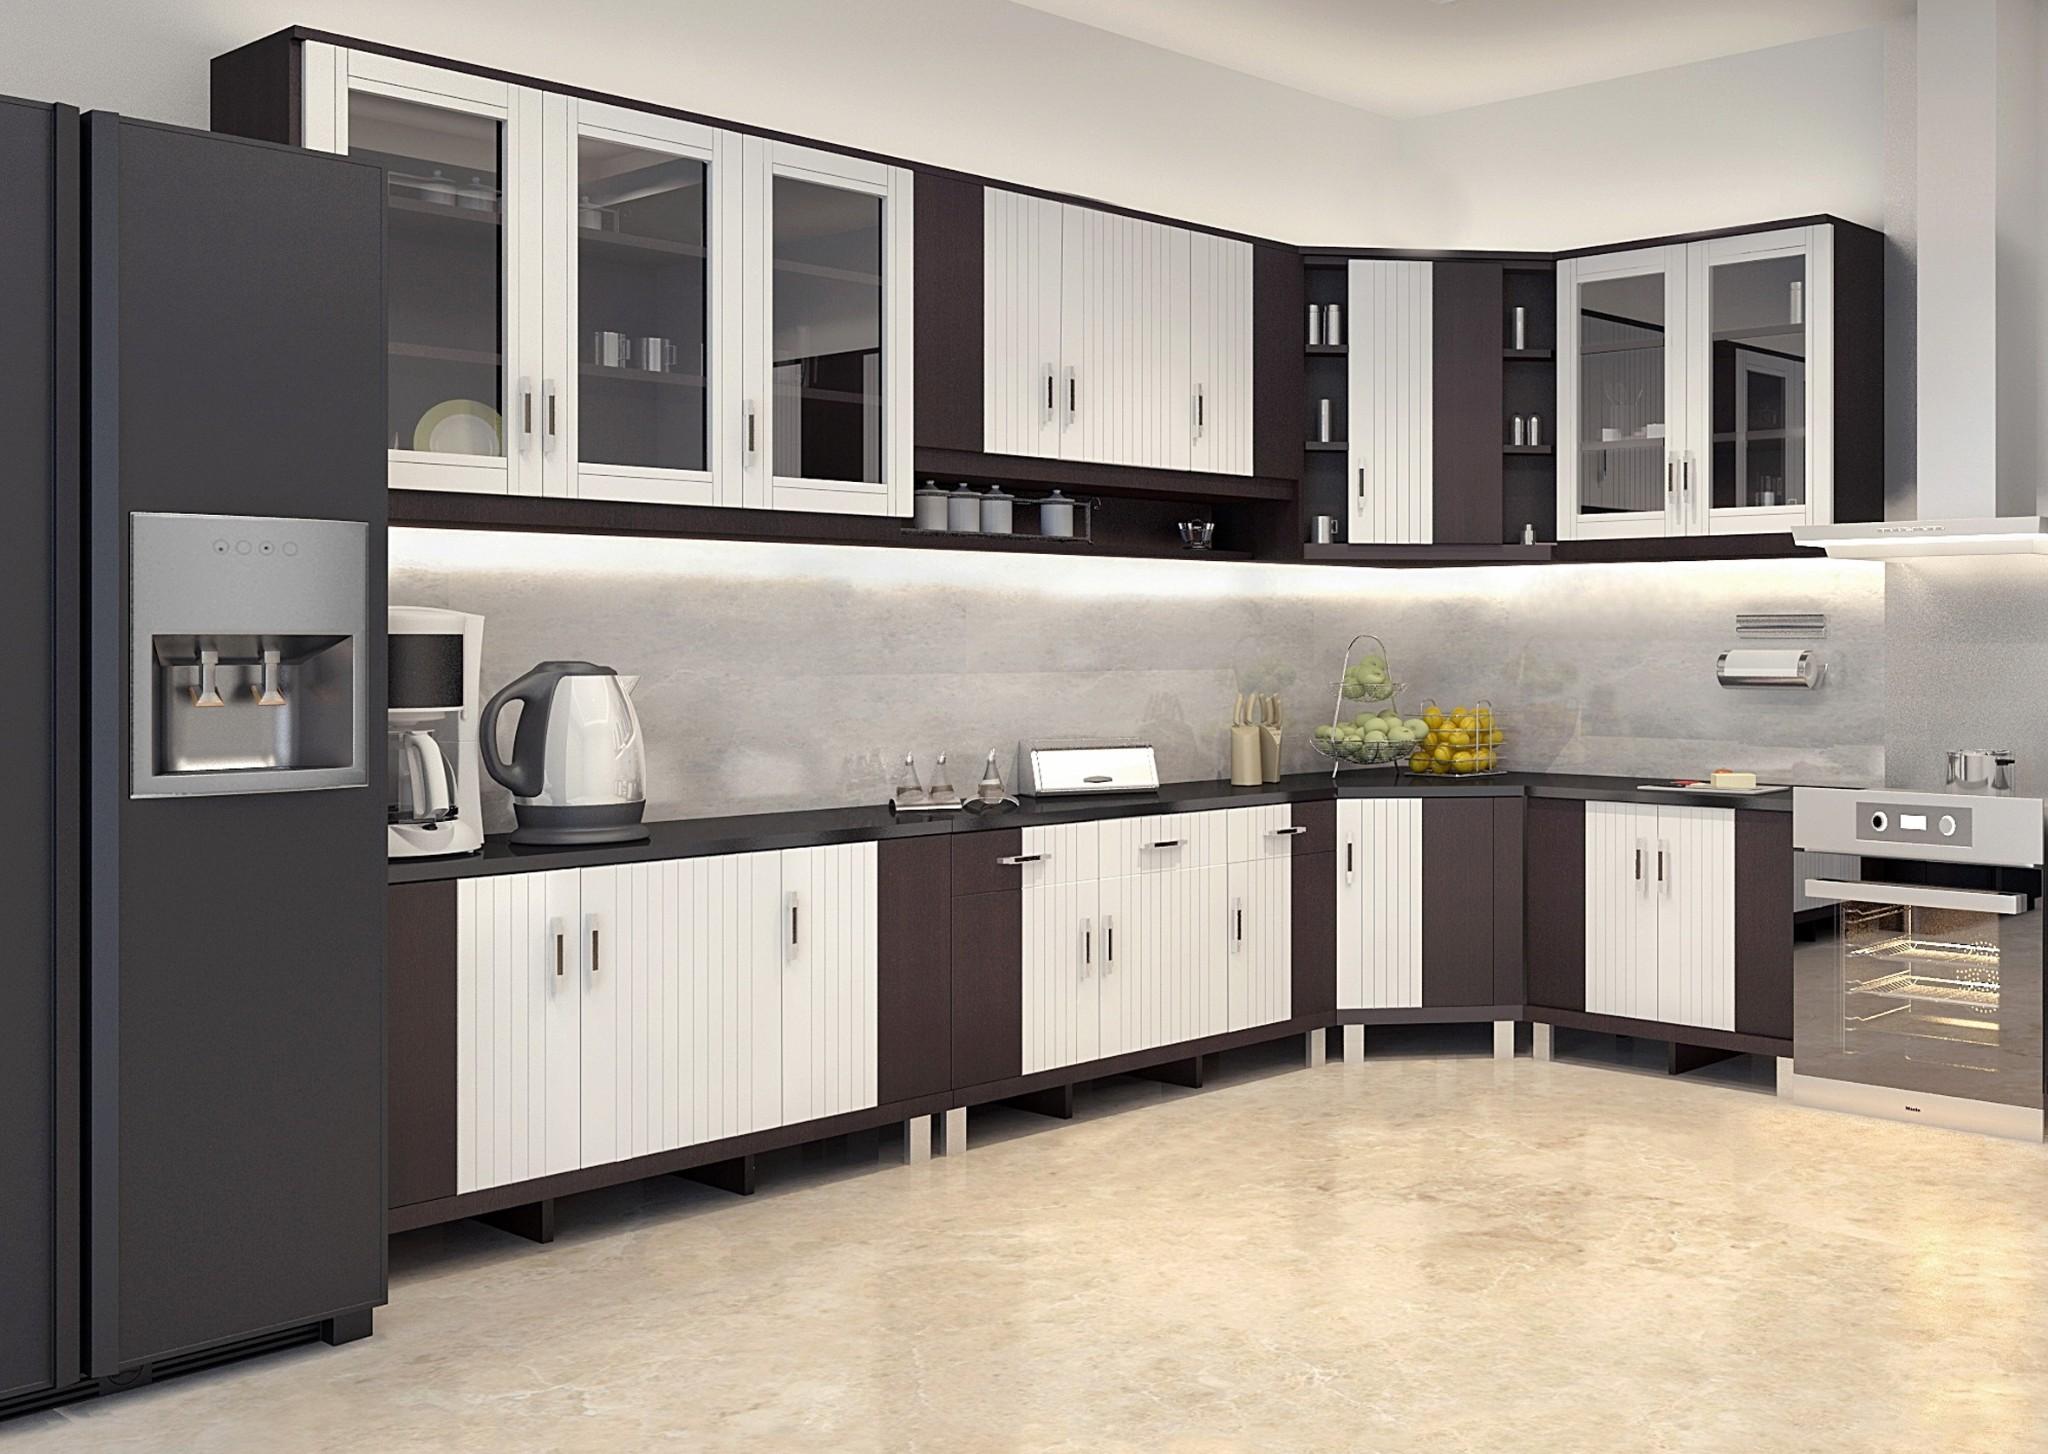 Jual kitchen set lemari dapur paket mini diskon 10 for Toko kitchen set